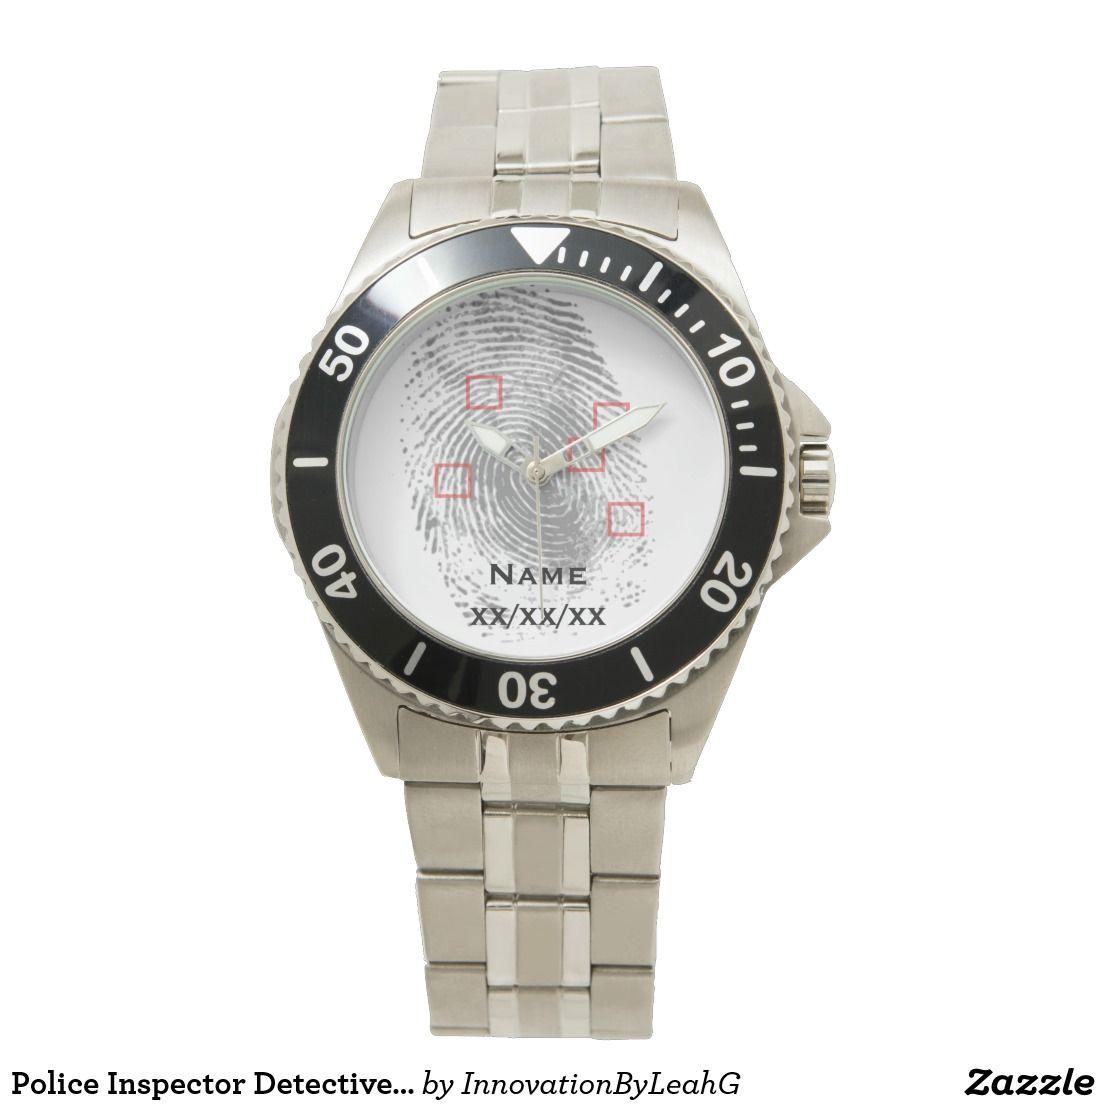 Police Inspector Detective Fingerprint Watch NAMED